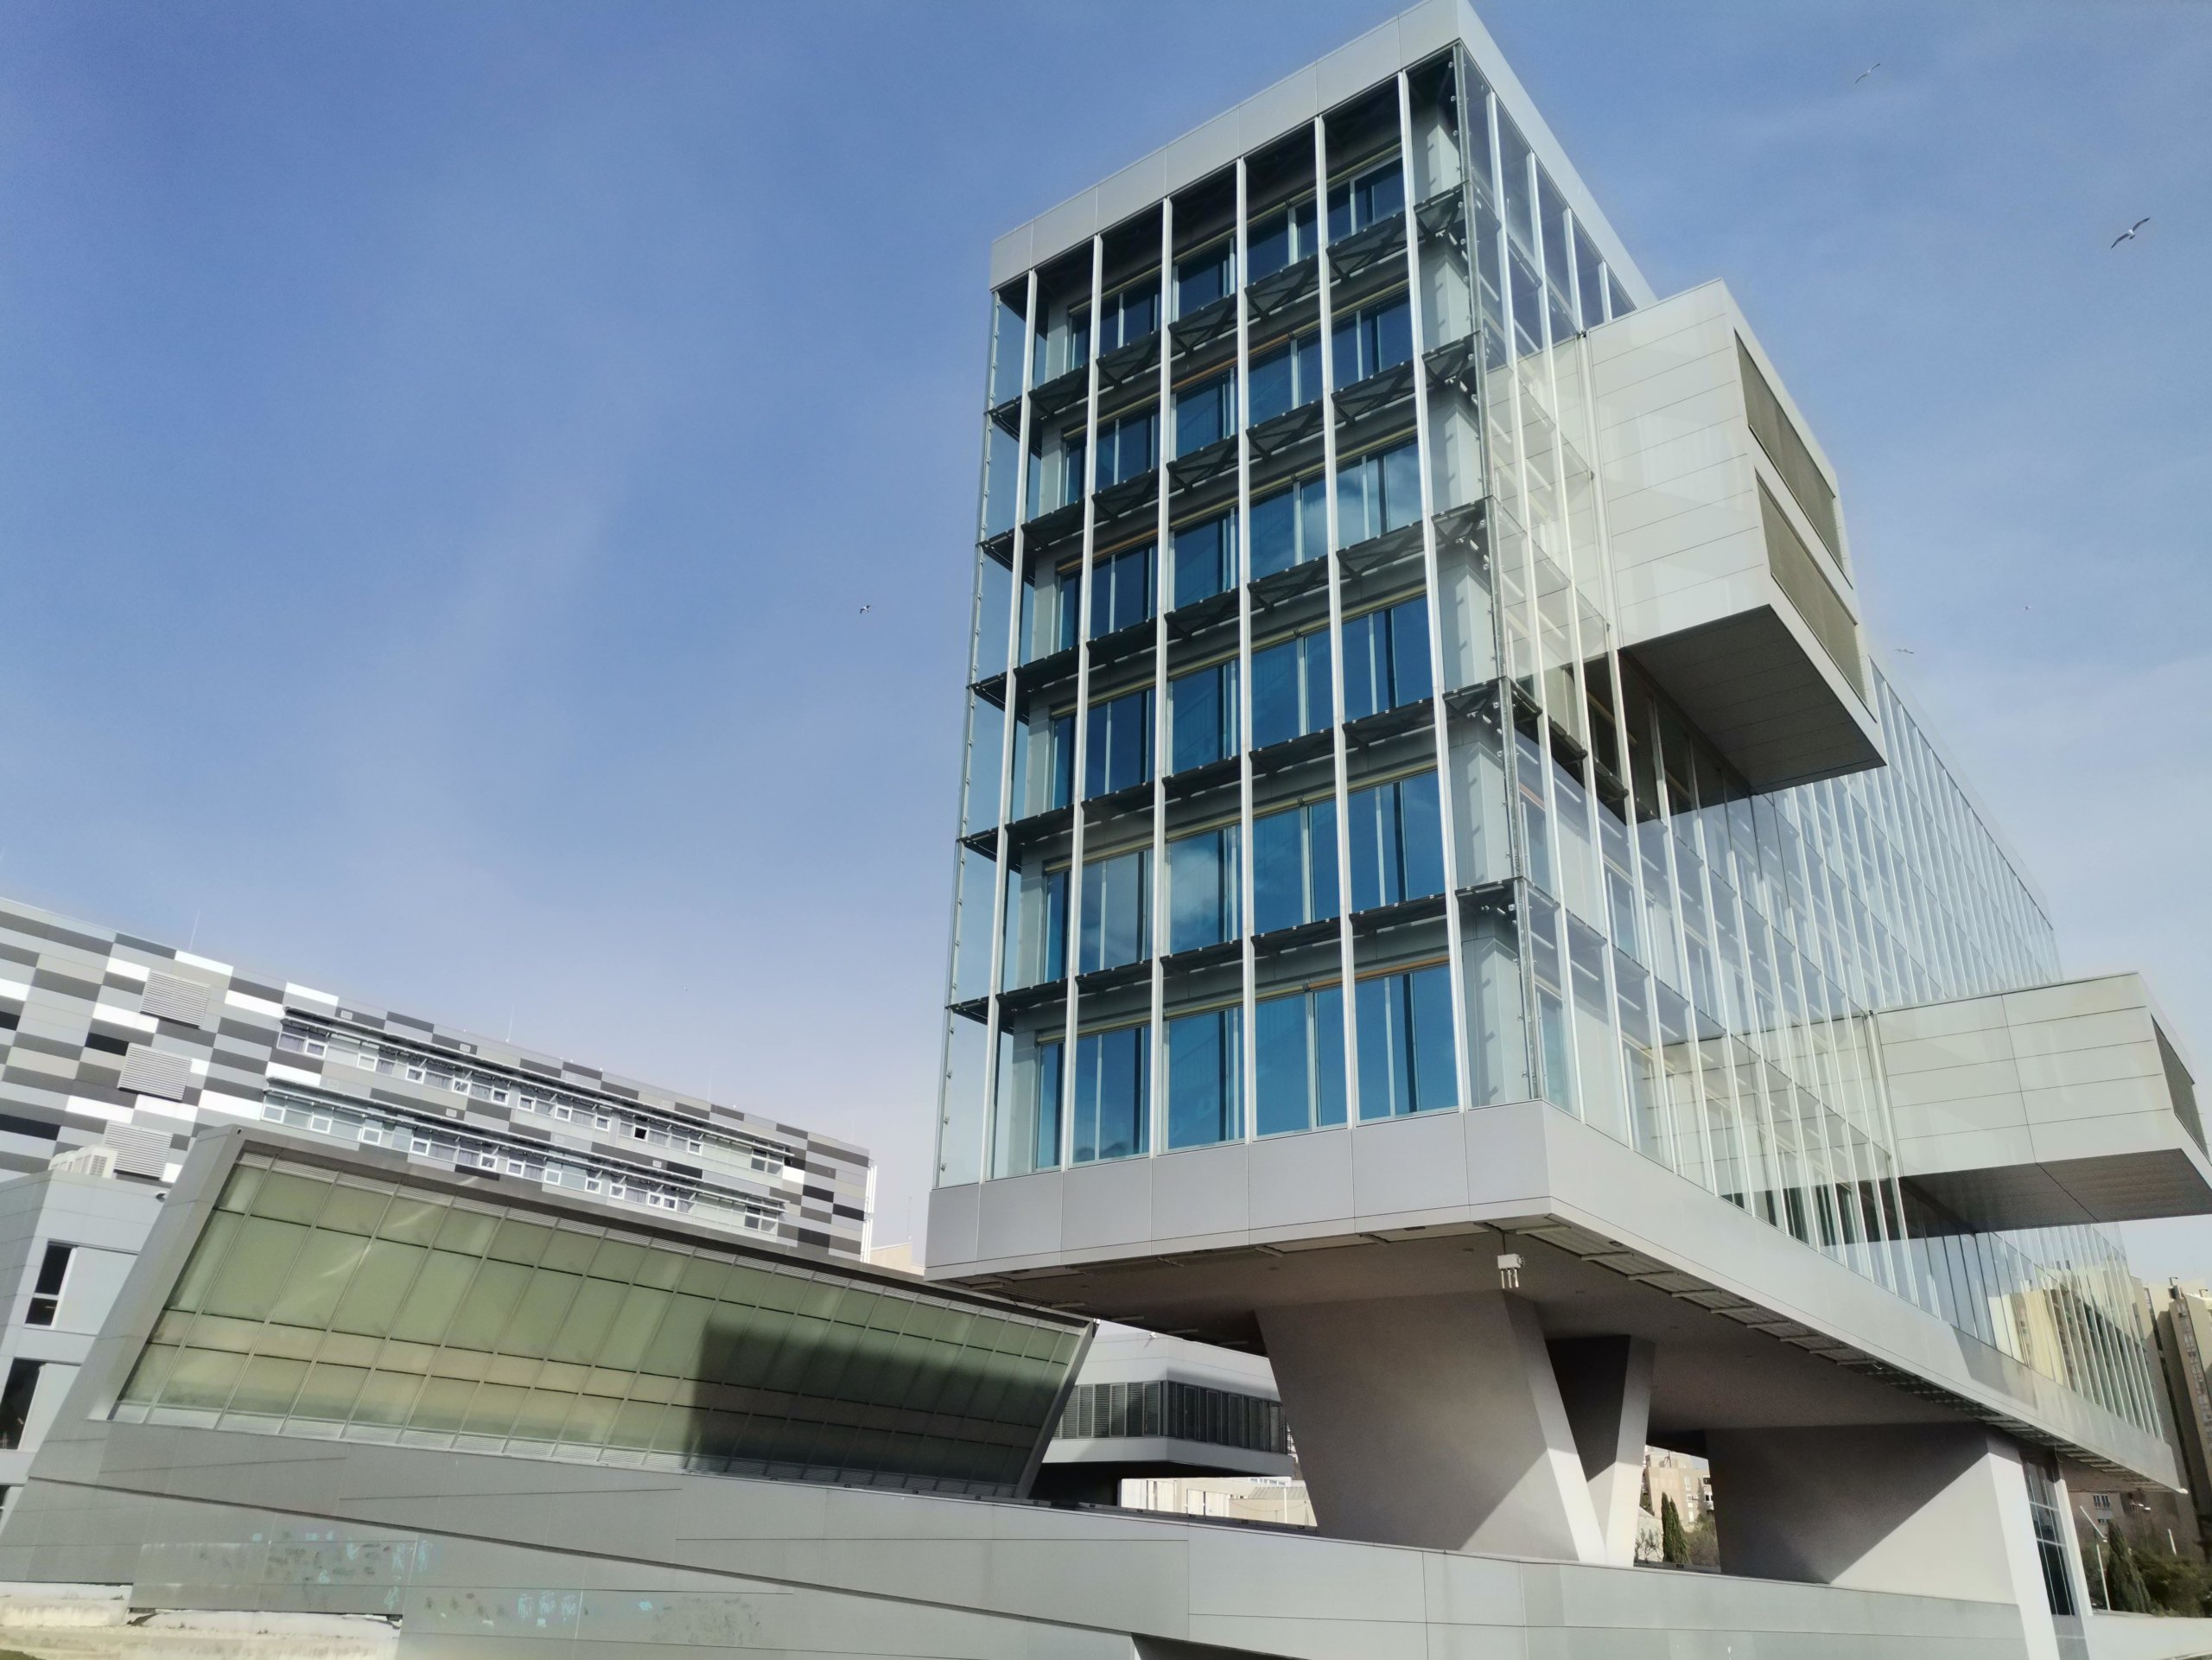 I drugo najveće sveučilište objavilo upisne kvote za 2021./22.: Provjerite koliko je mjesta u Splitu